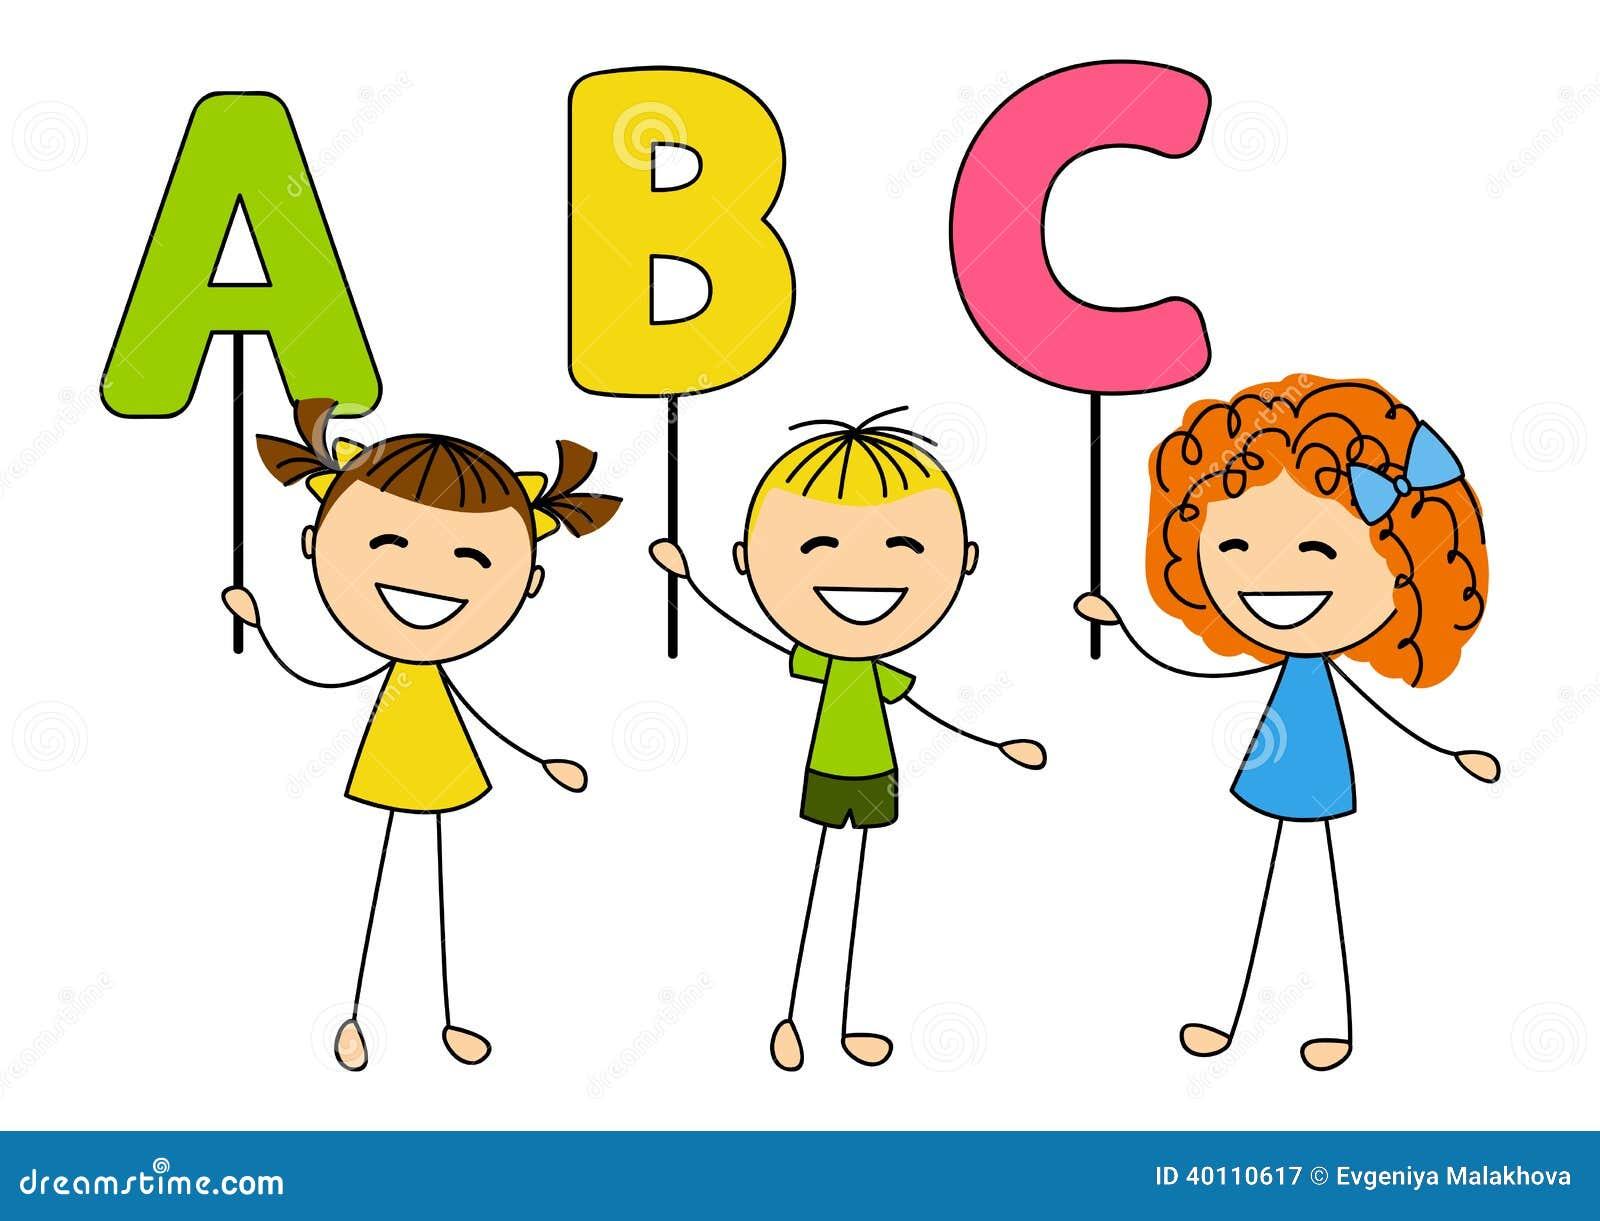 Lizenzfreie Stockfotografie Nette Kleinkinder Mit Abc Buchstaben Image40110617 on Preschool Letter Z